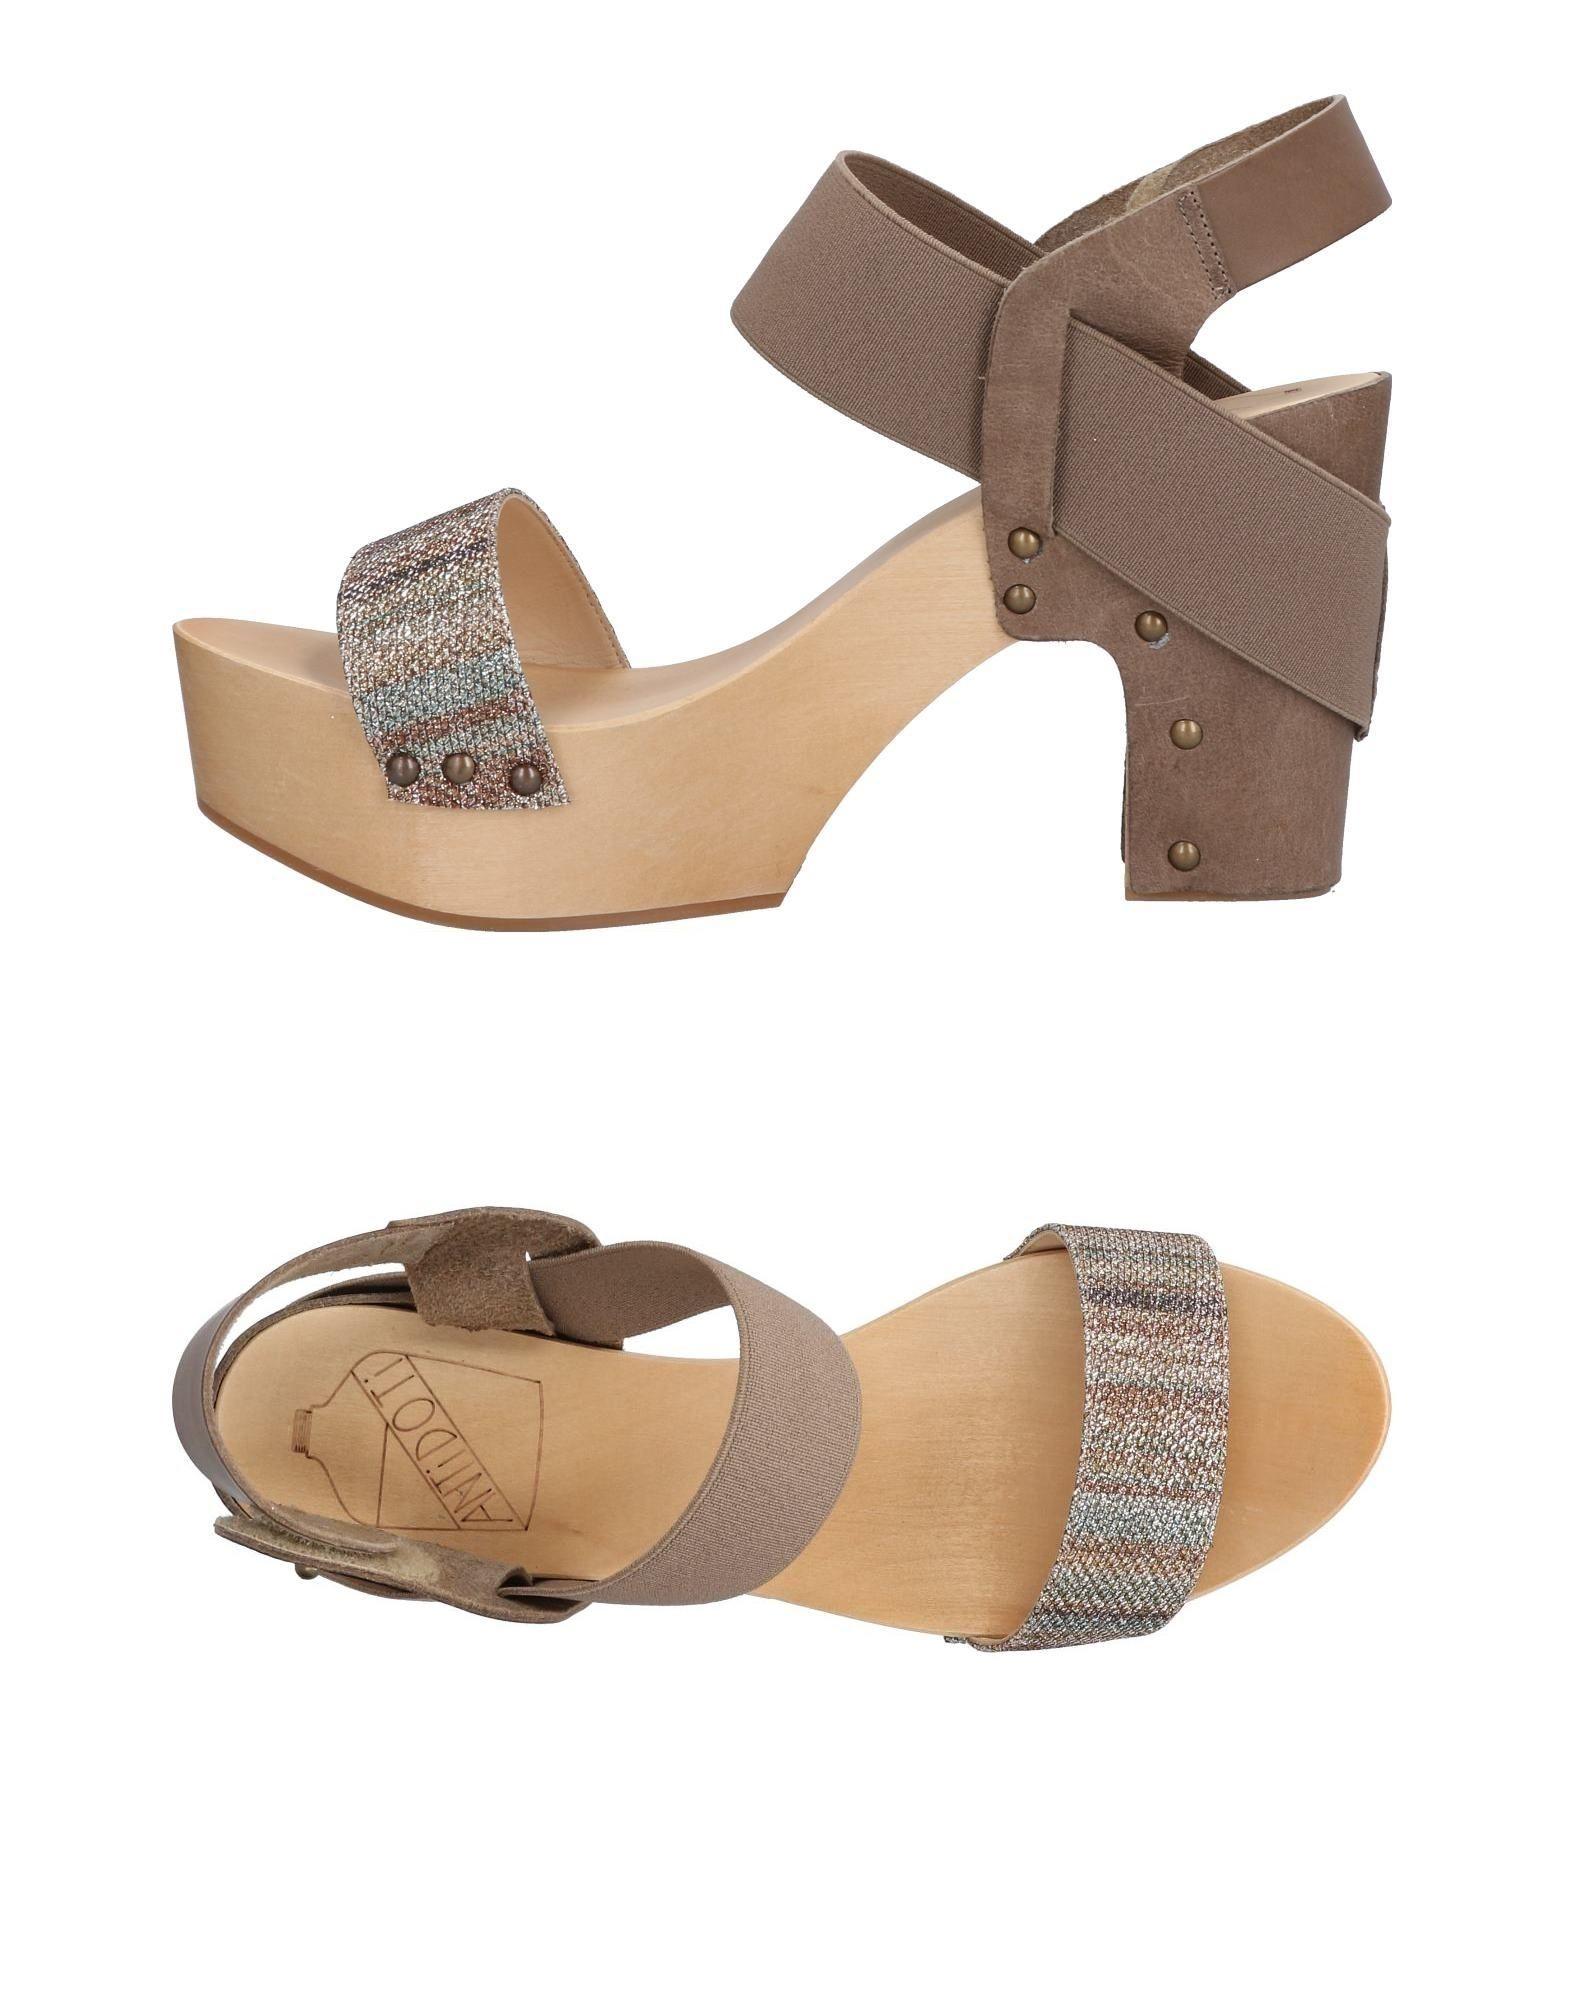 Sandali Antidoti Donna - 11495148XS Scarpe economiche e buone